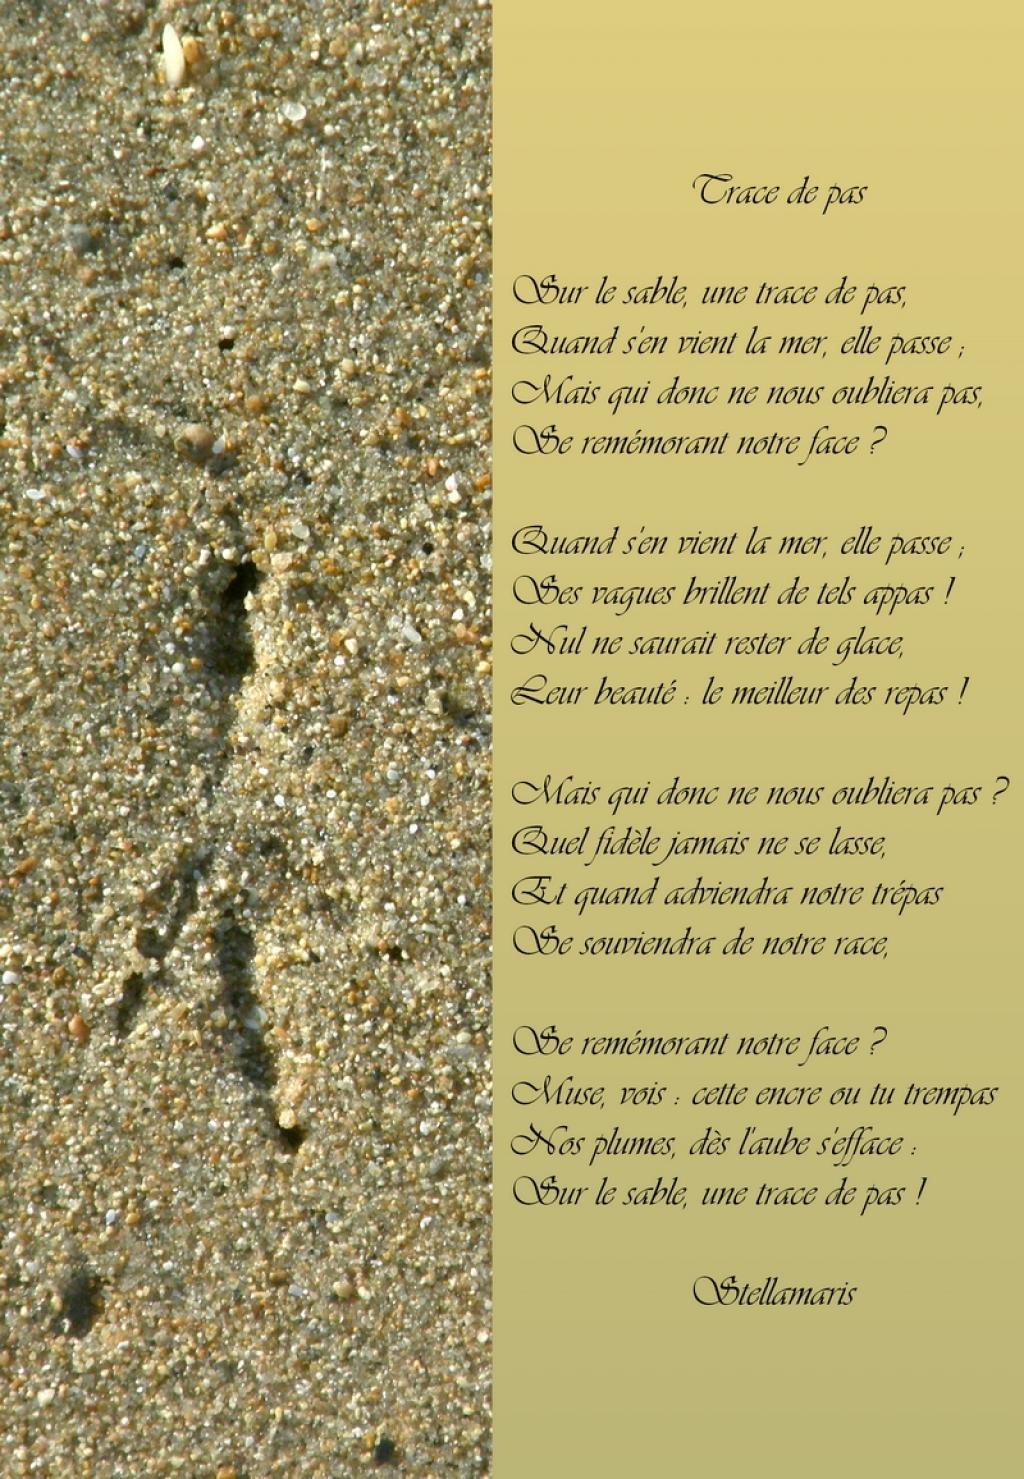 Sur le sable, une trace de pas, / Quand s'en vient la mer, elle passe ; / Mais qui donc ne nous oubliera pas, / Se remémorant notre face ? / / Quand s'en vient la mer, elle passe ; / Ses vagues brillent de tels appas ! / Nul ne saurait rester de glace, / Leur beauté : le meilleur des repas ! / / Mais qui donc ne nous oubliera pas ? / Quel fidèle jamais ne se lasse, / Et quand adviendra notre trépas / Se souviendra de notre race, / / Se remémorant notre face ? / Muse, vois : cette encre ou tu trempas / Nos plumes, dès l'aube s'efface : / Sur le sable, une trace de pas !